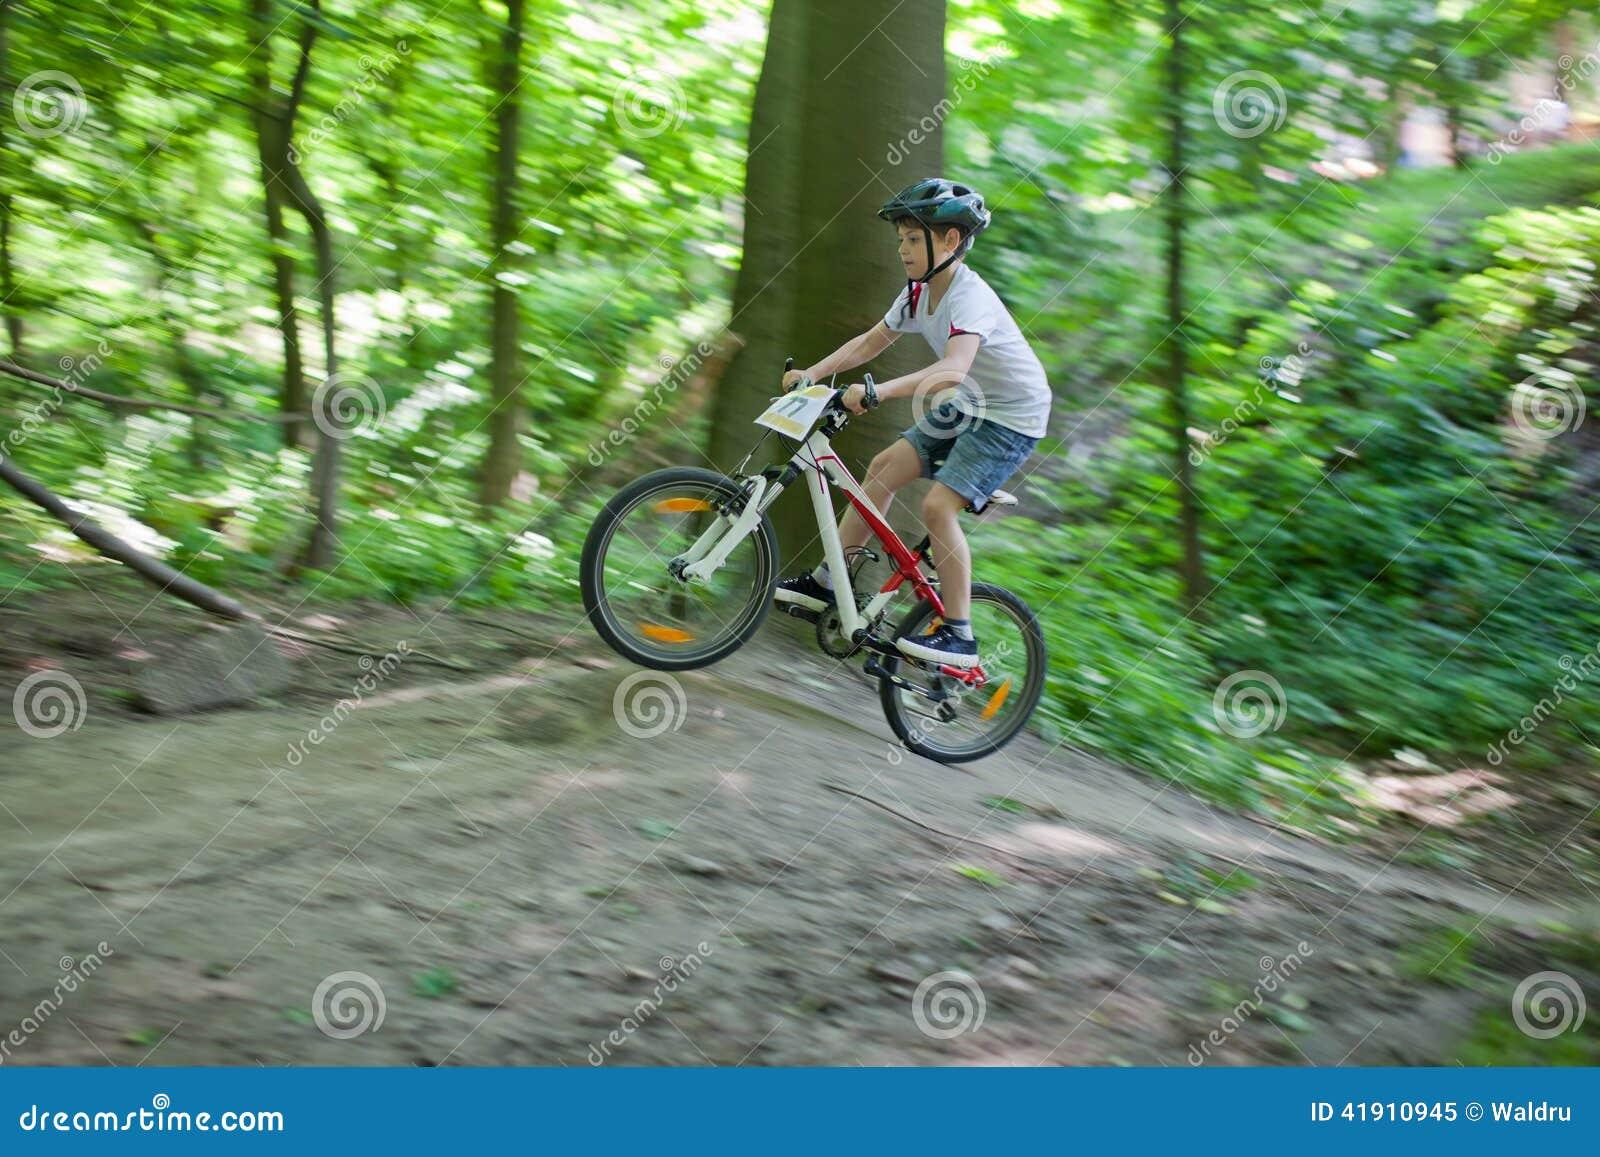 Salto de la bici de montaña